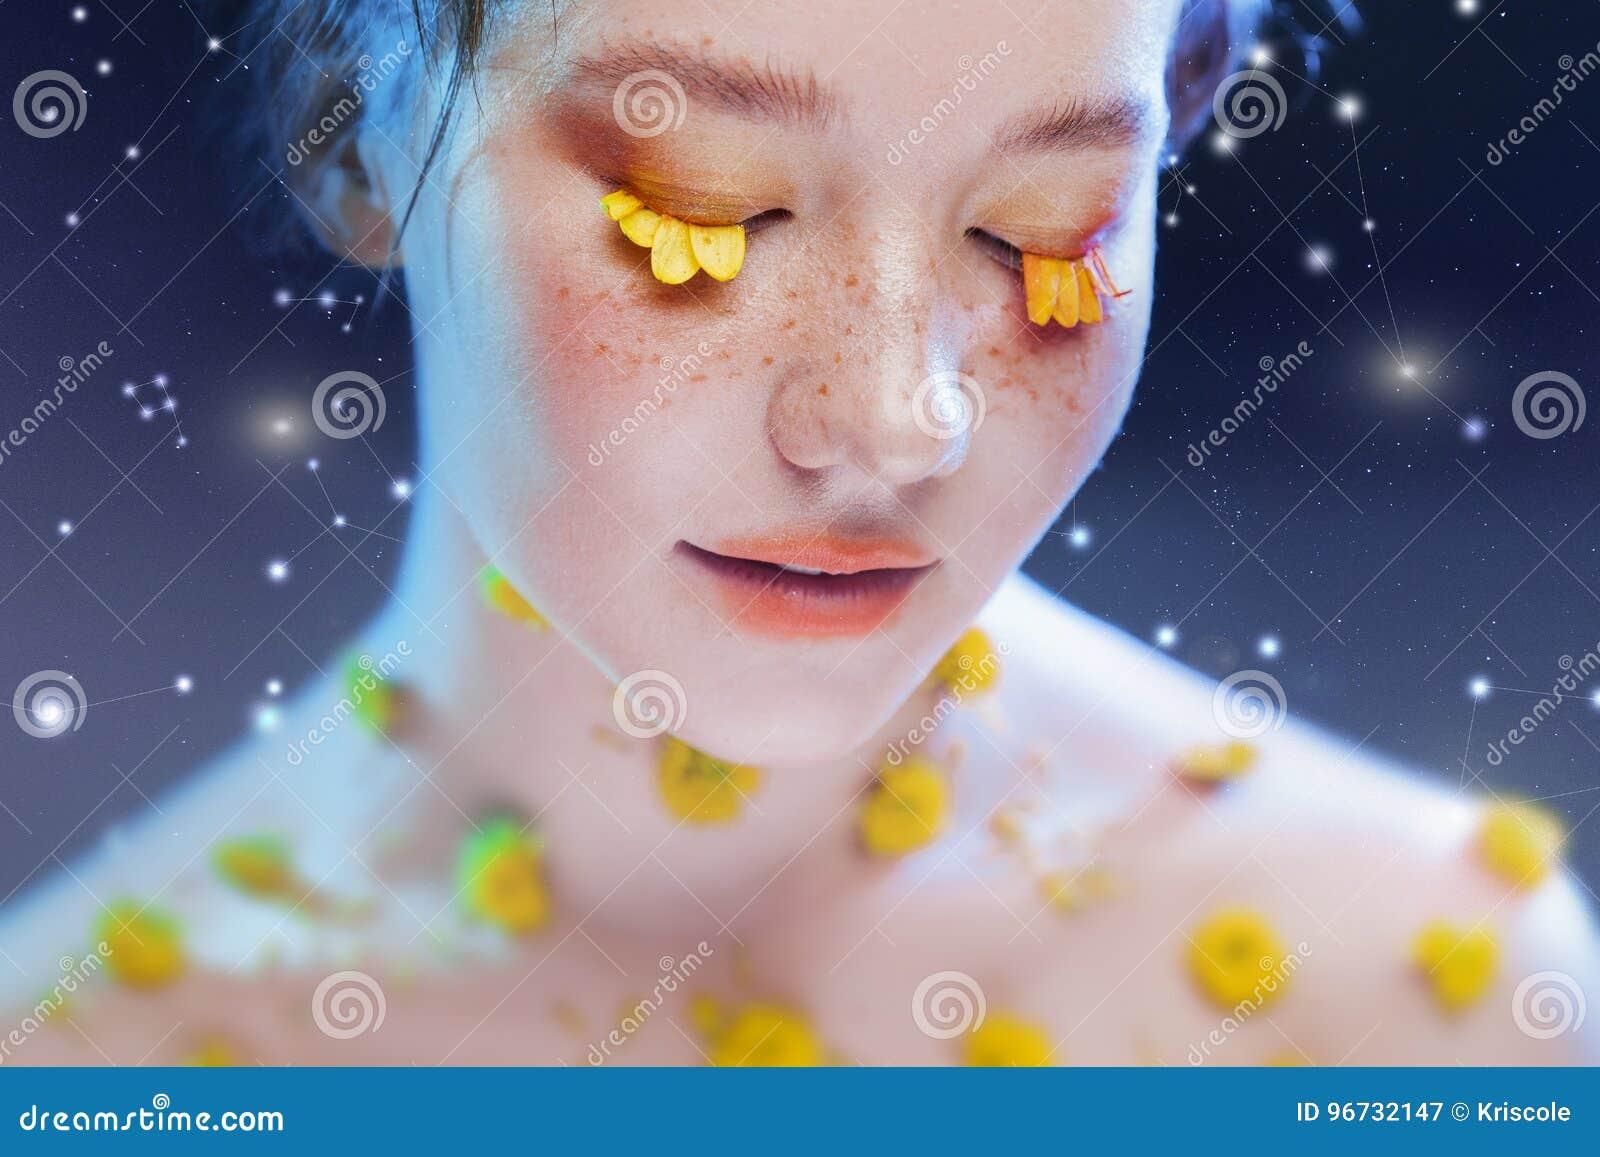 Piękna młoda dziewczyna w wizerunku flory, zakończenie portret Bajecznie portret na gwiaździstym tle